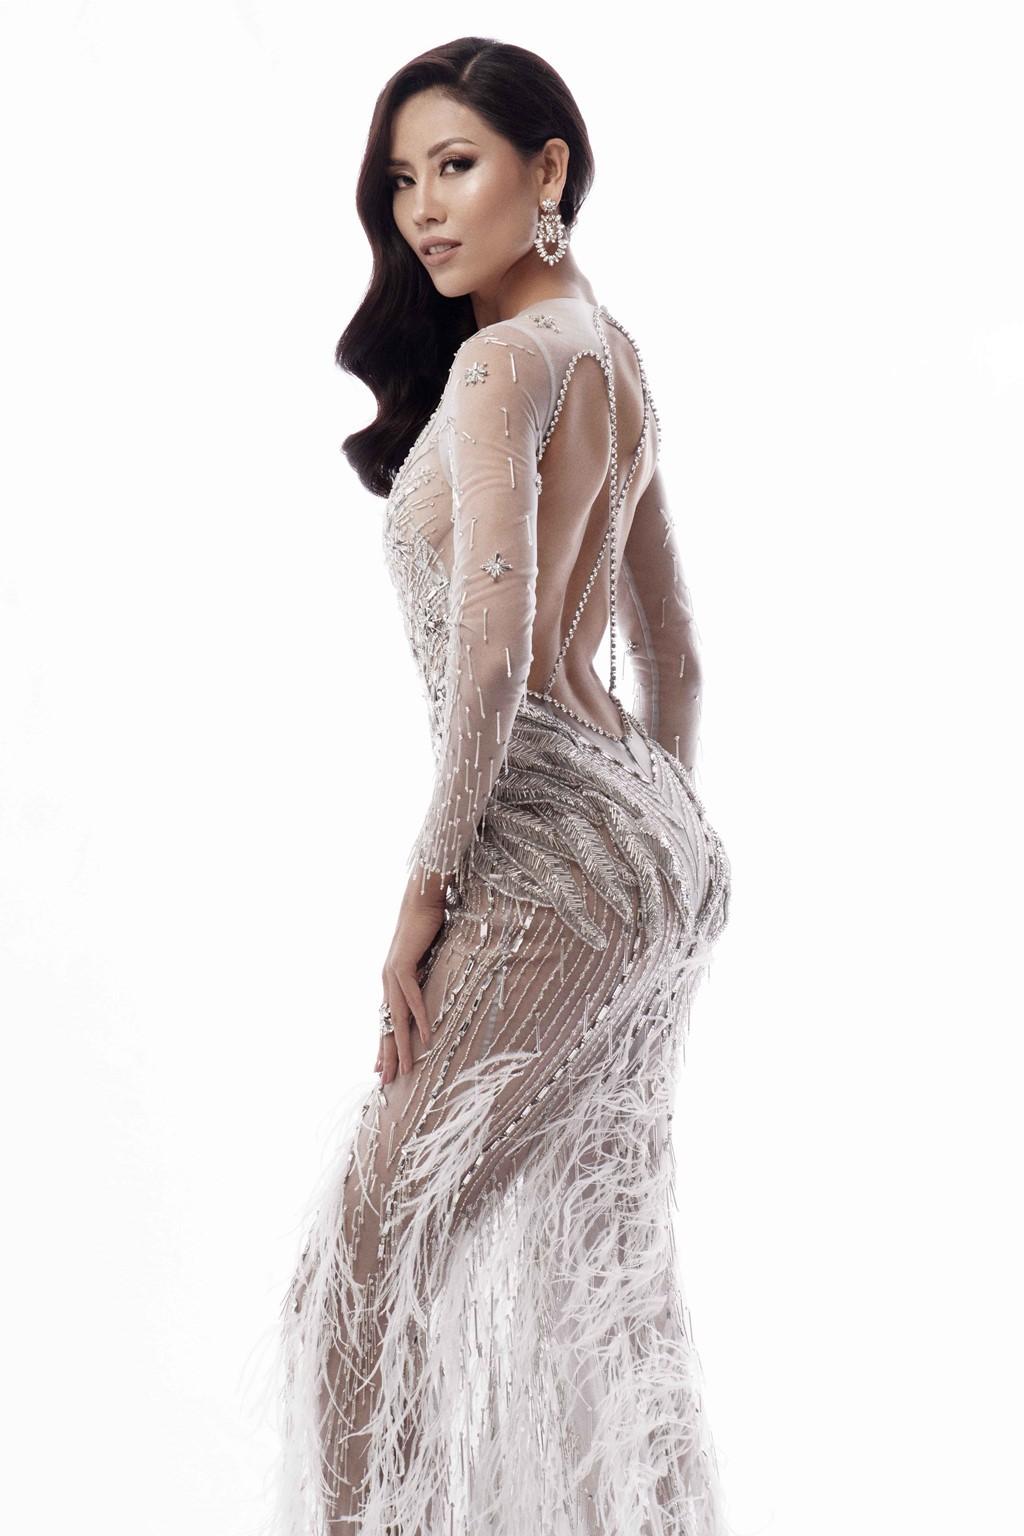 Nguyễn Thị Loan khoe trọn vóc dáng nóng bỏng trong trang phục dạ hội xuyên thấu tại Miss Universe - Ảnh 5.